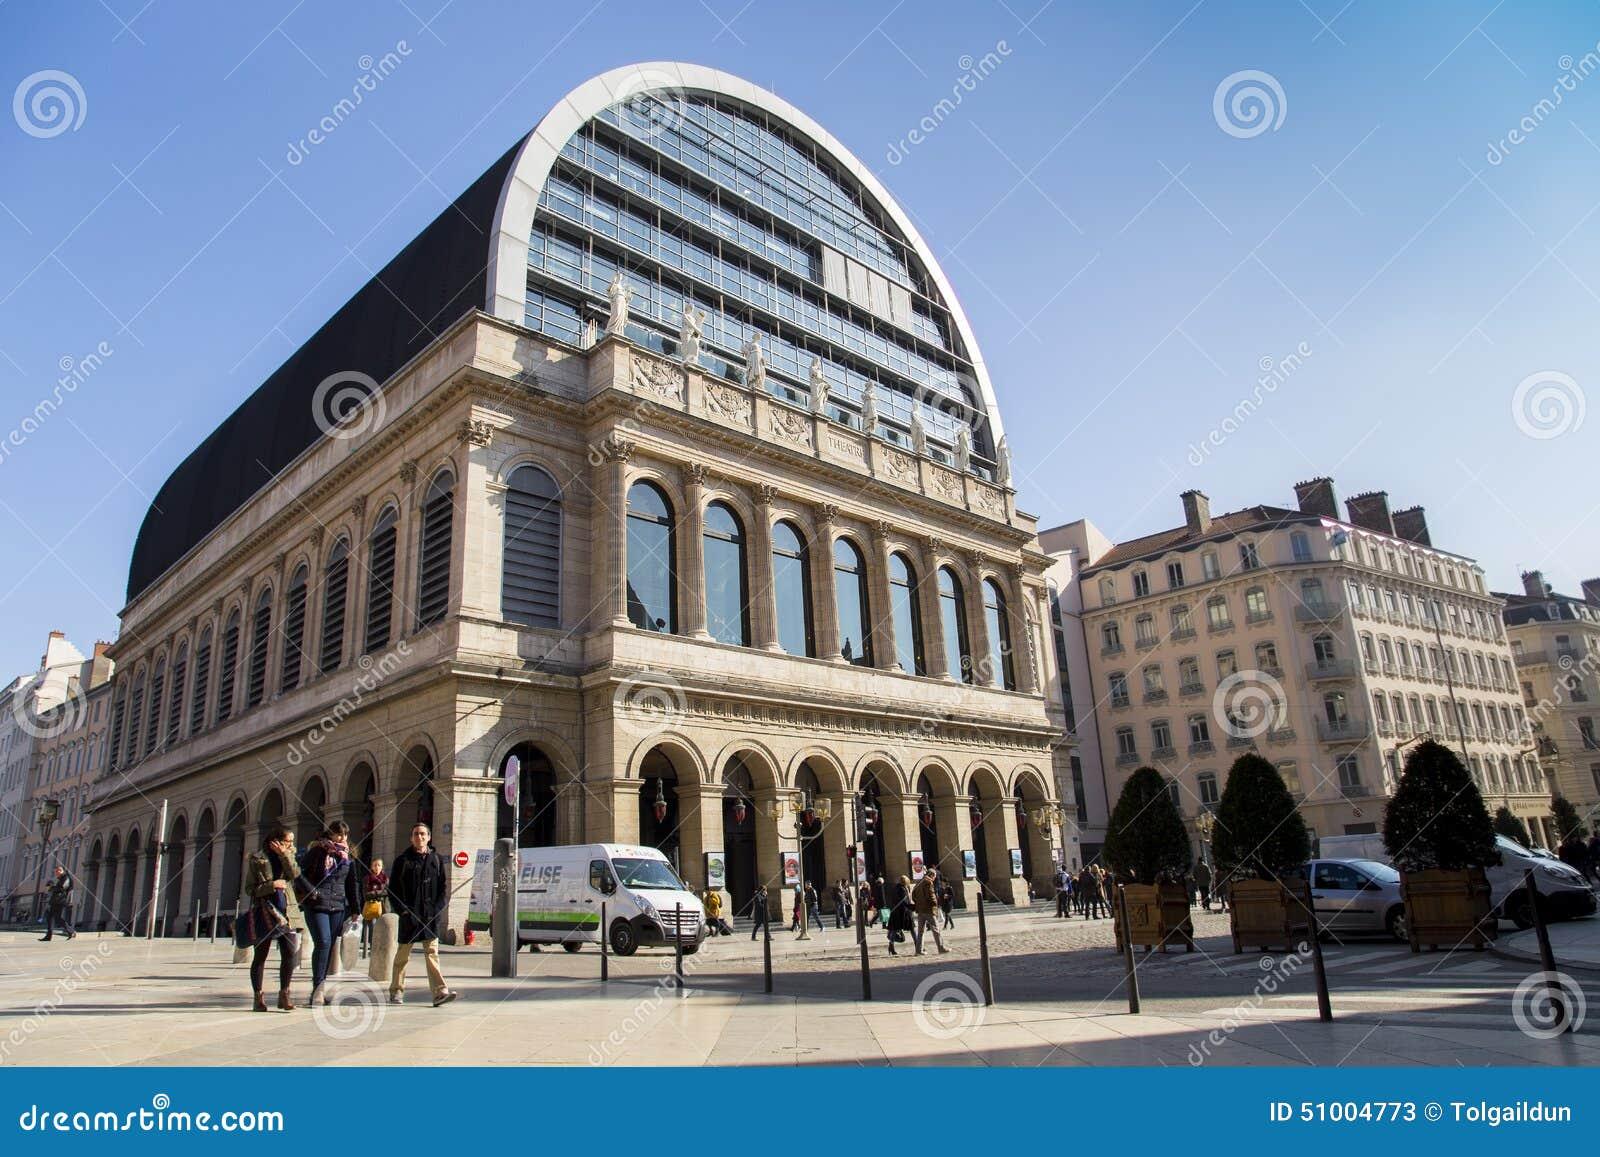 Den storslagna operahuset (den Opéra medborgaren de Lyon) är ett operaföretag i Lyon, Frankrike